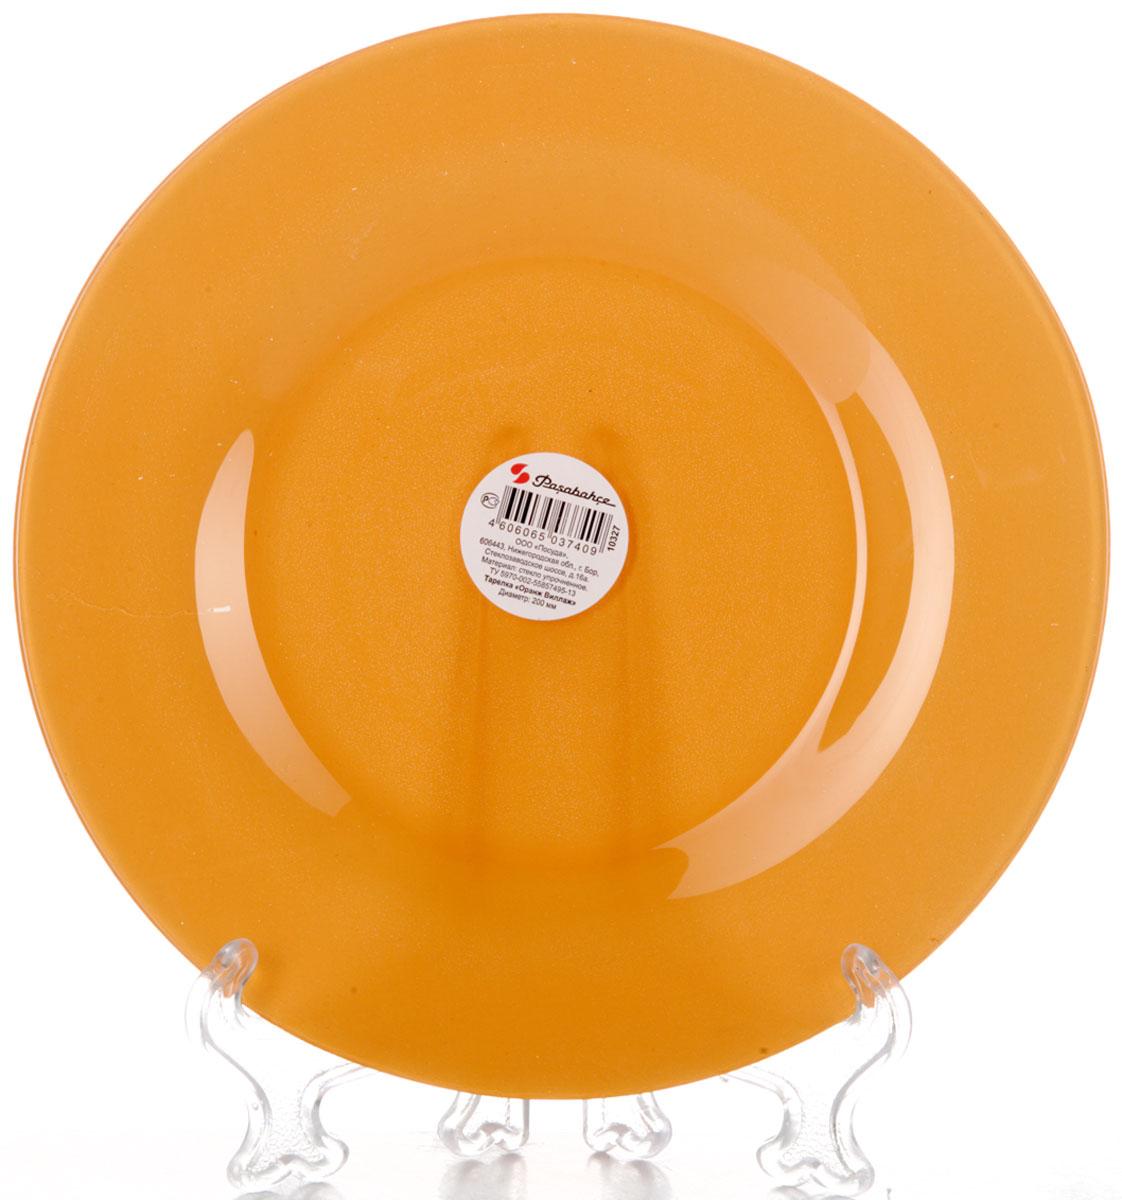 """Тарелка Pasabahce """"Оранж Виллаж"""" выполнена из качественного  стекла оранжевого цвета. Она прекрасно подойдет в качестве сервировочного блюда для фруктов, десертов, закусок, торта и другого.  Изящная тарелка прекрасно оформит праздничный стол и порадует вас и ваших гостей изысканным дизайном и формой.   Диаметр тарелки: 20 см.  Высота: 2 см."""